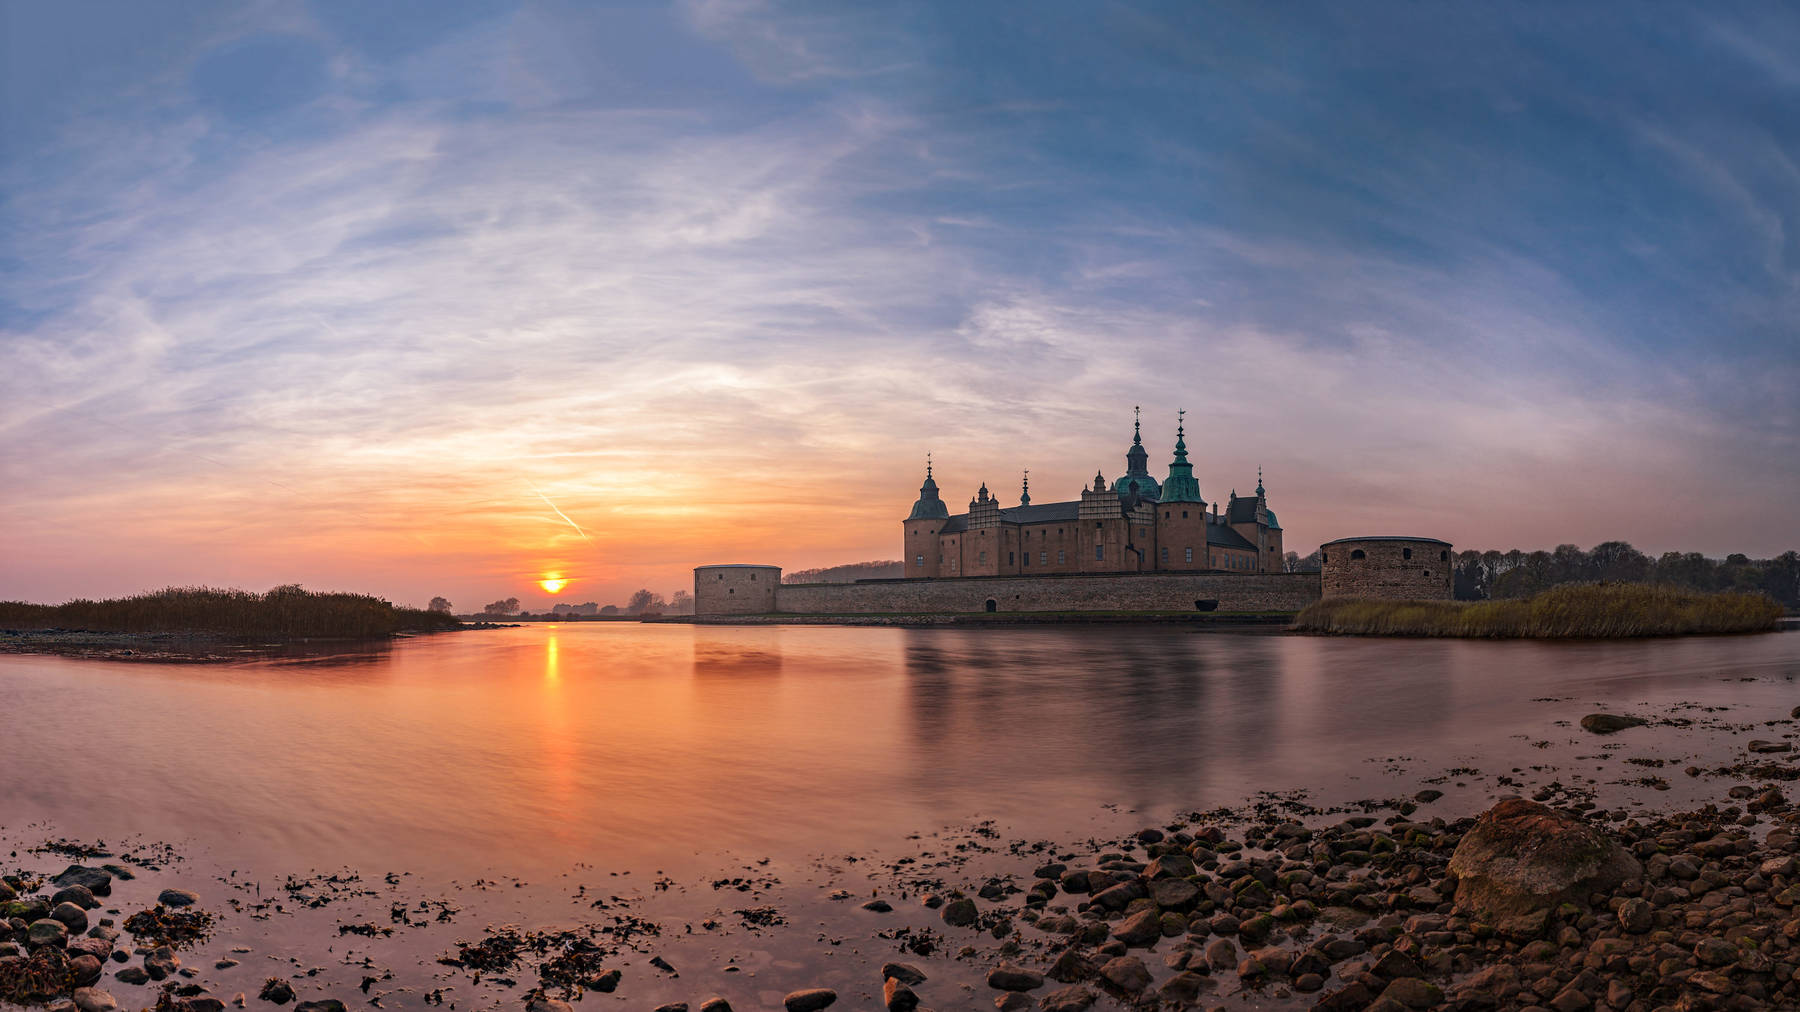 Solnedgång över Kalmar Slott